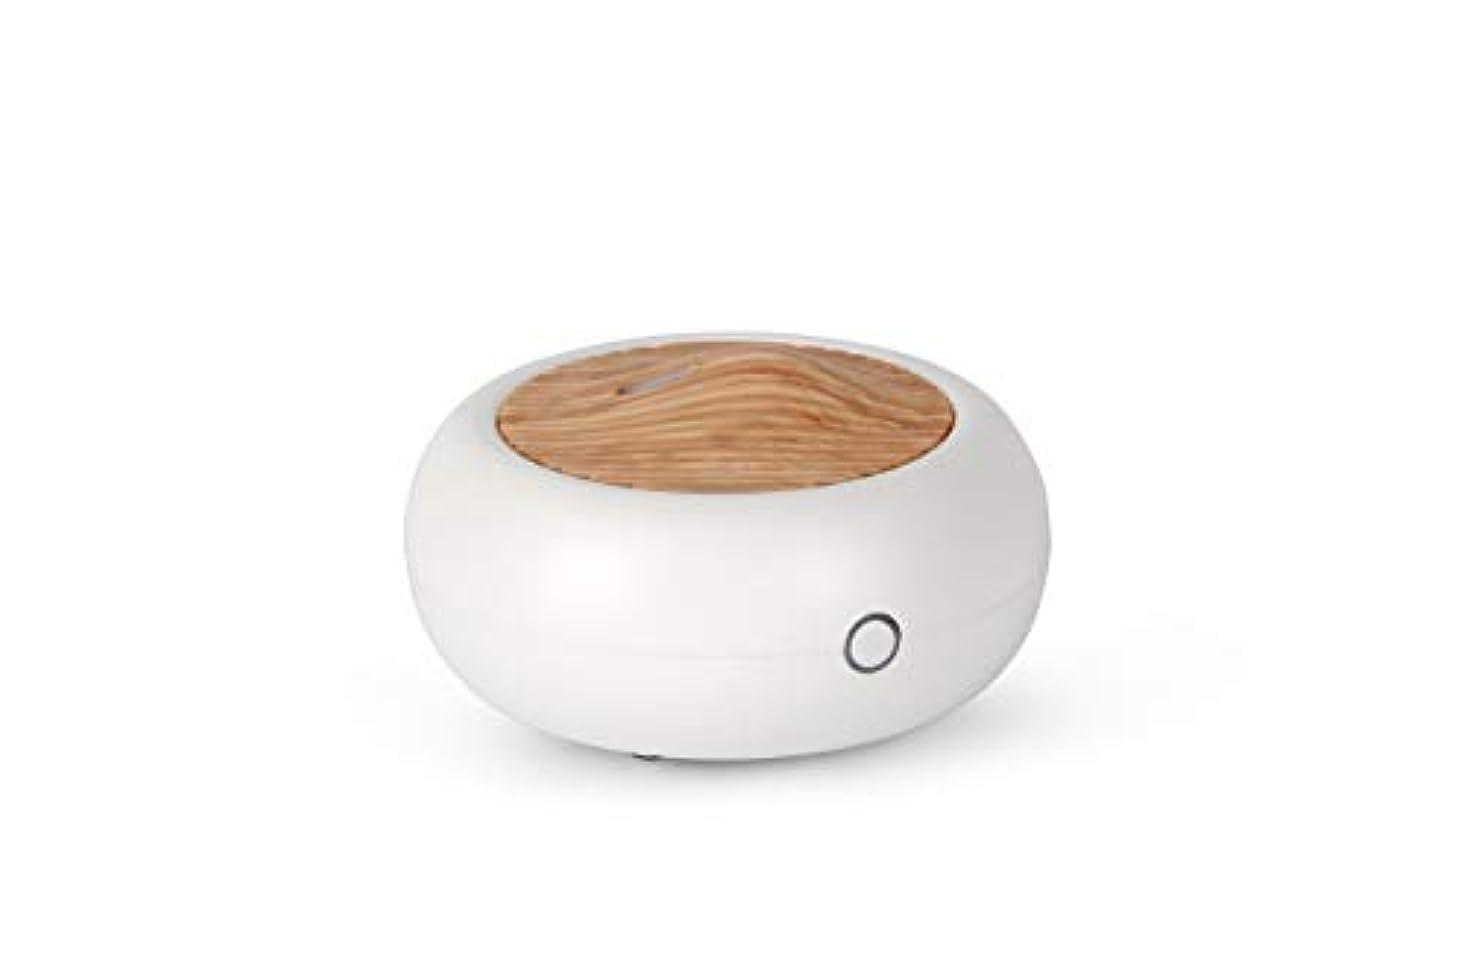 女性にやにや姿を消すアロマディフューザーGA102-WD 加湿器 パーソナル卓上タイプ 木目調 Micro-USB 空焚き防止